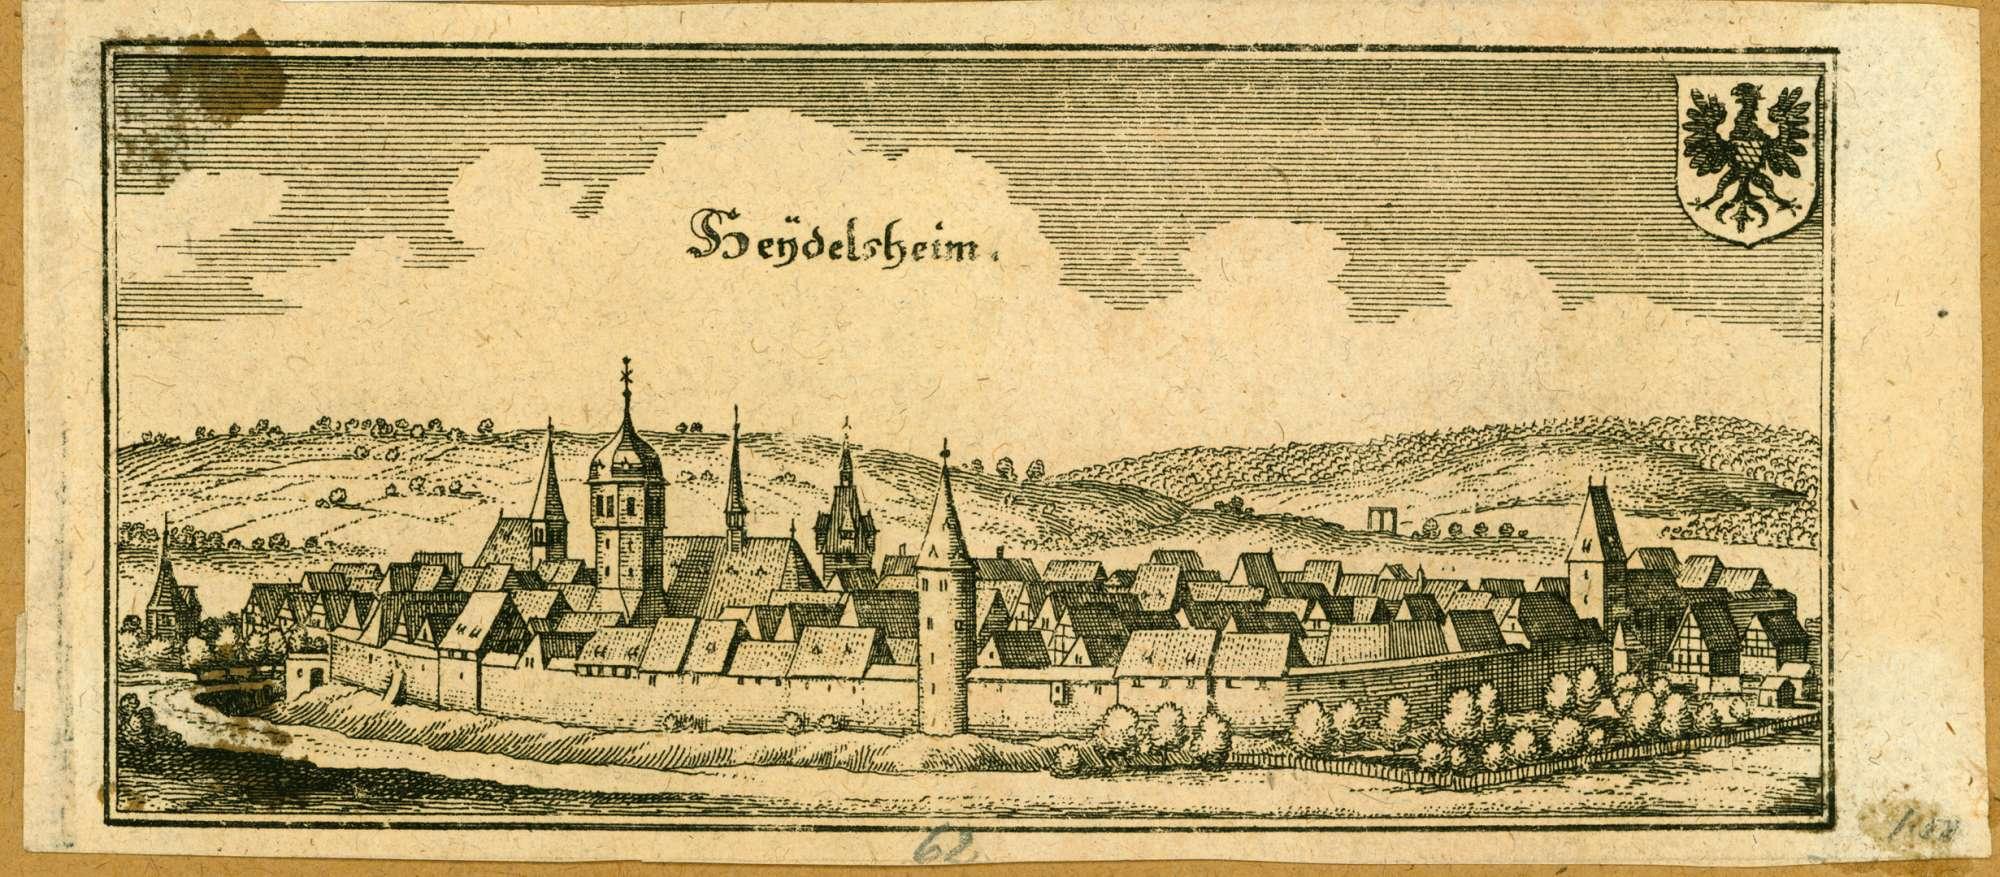 Heydelsheim, Bild 1